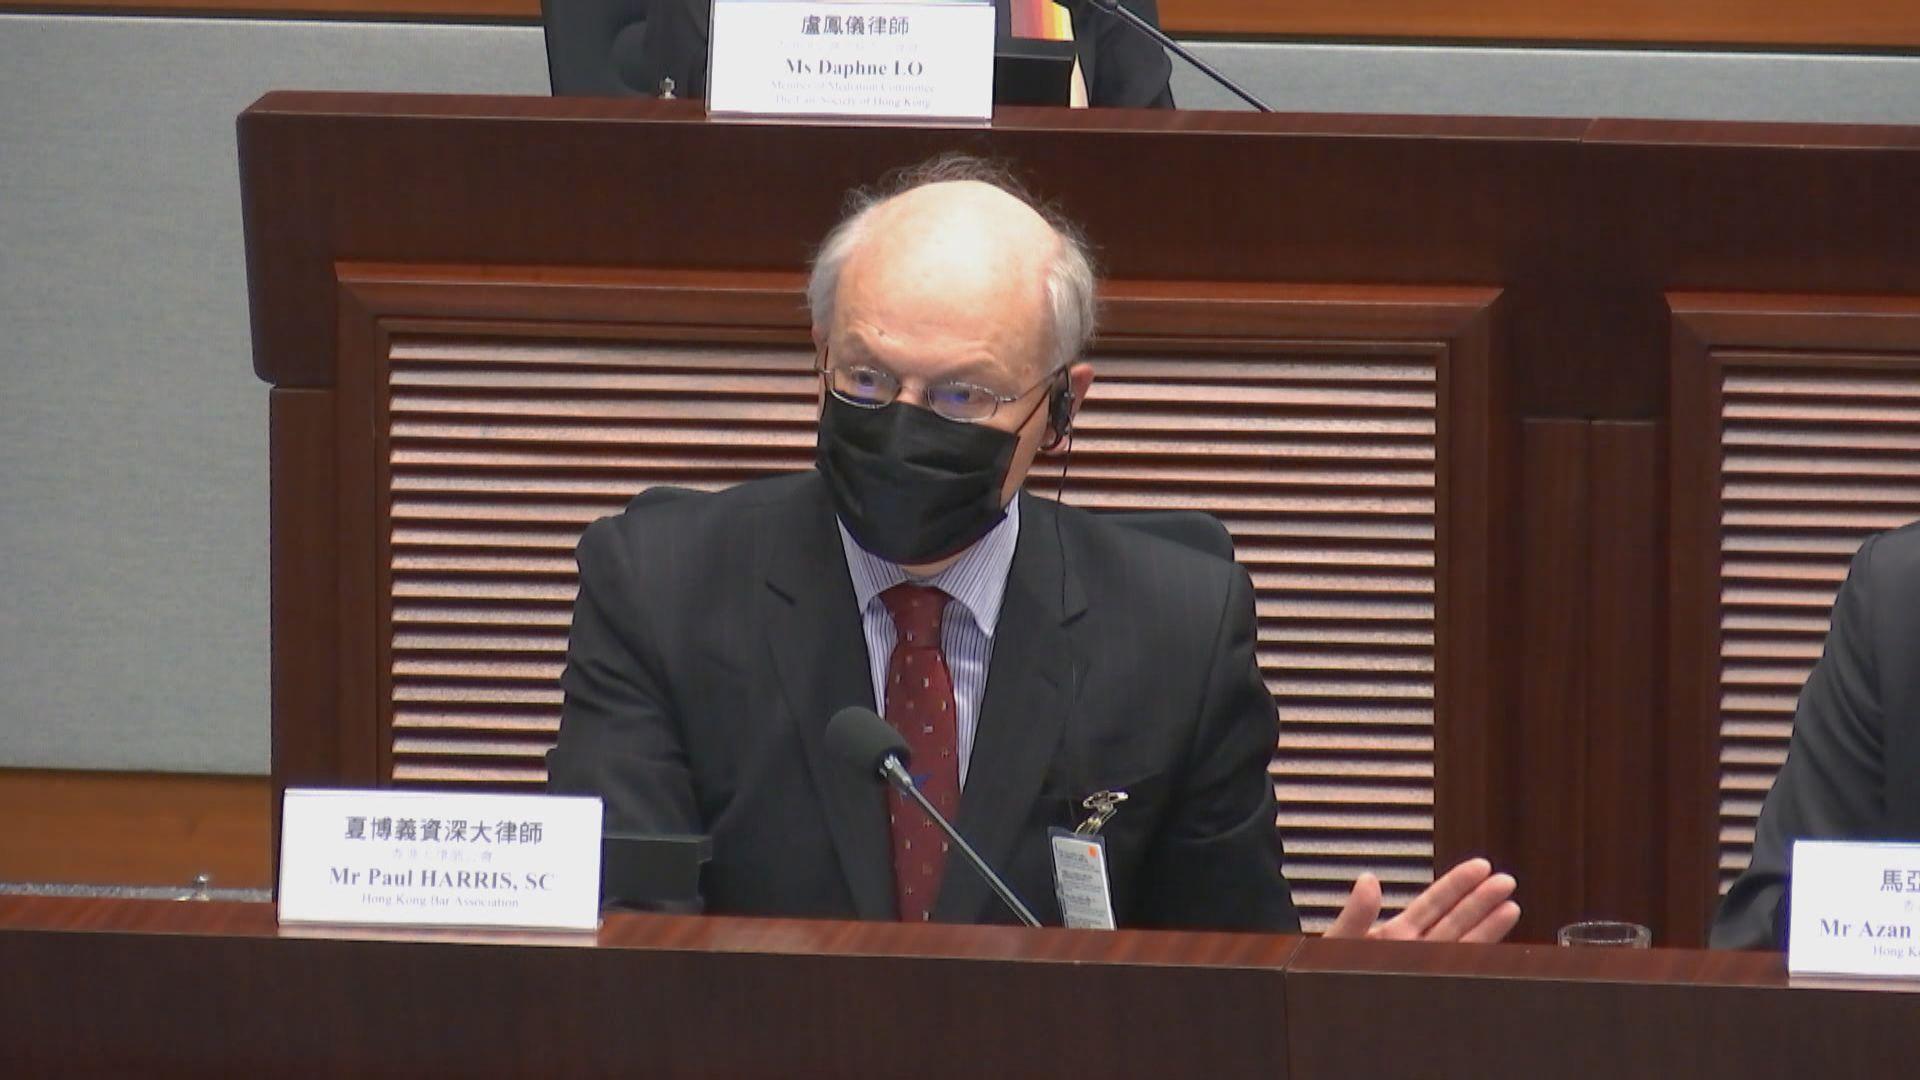 被追問有否辭任大律師公會主席壓力 夏博義:沒補充